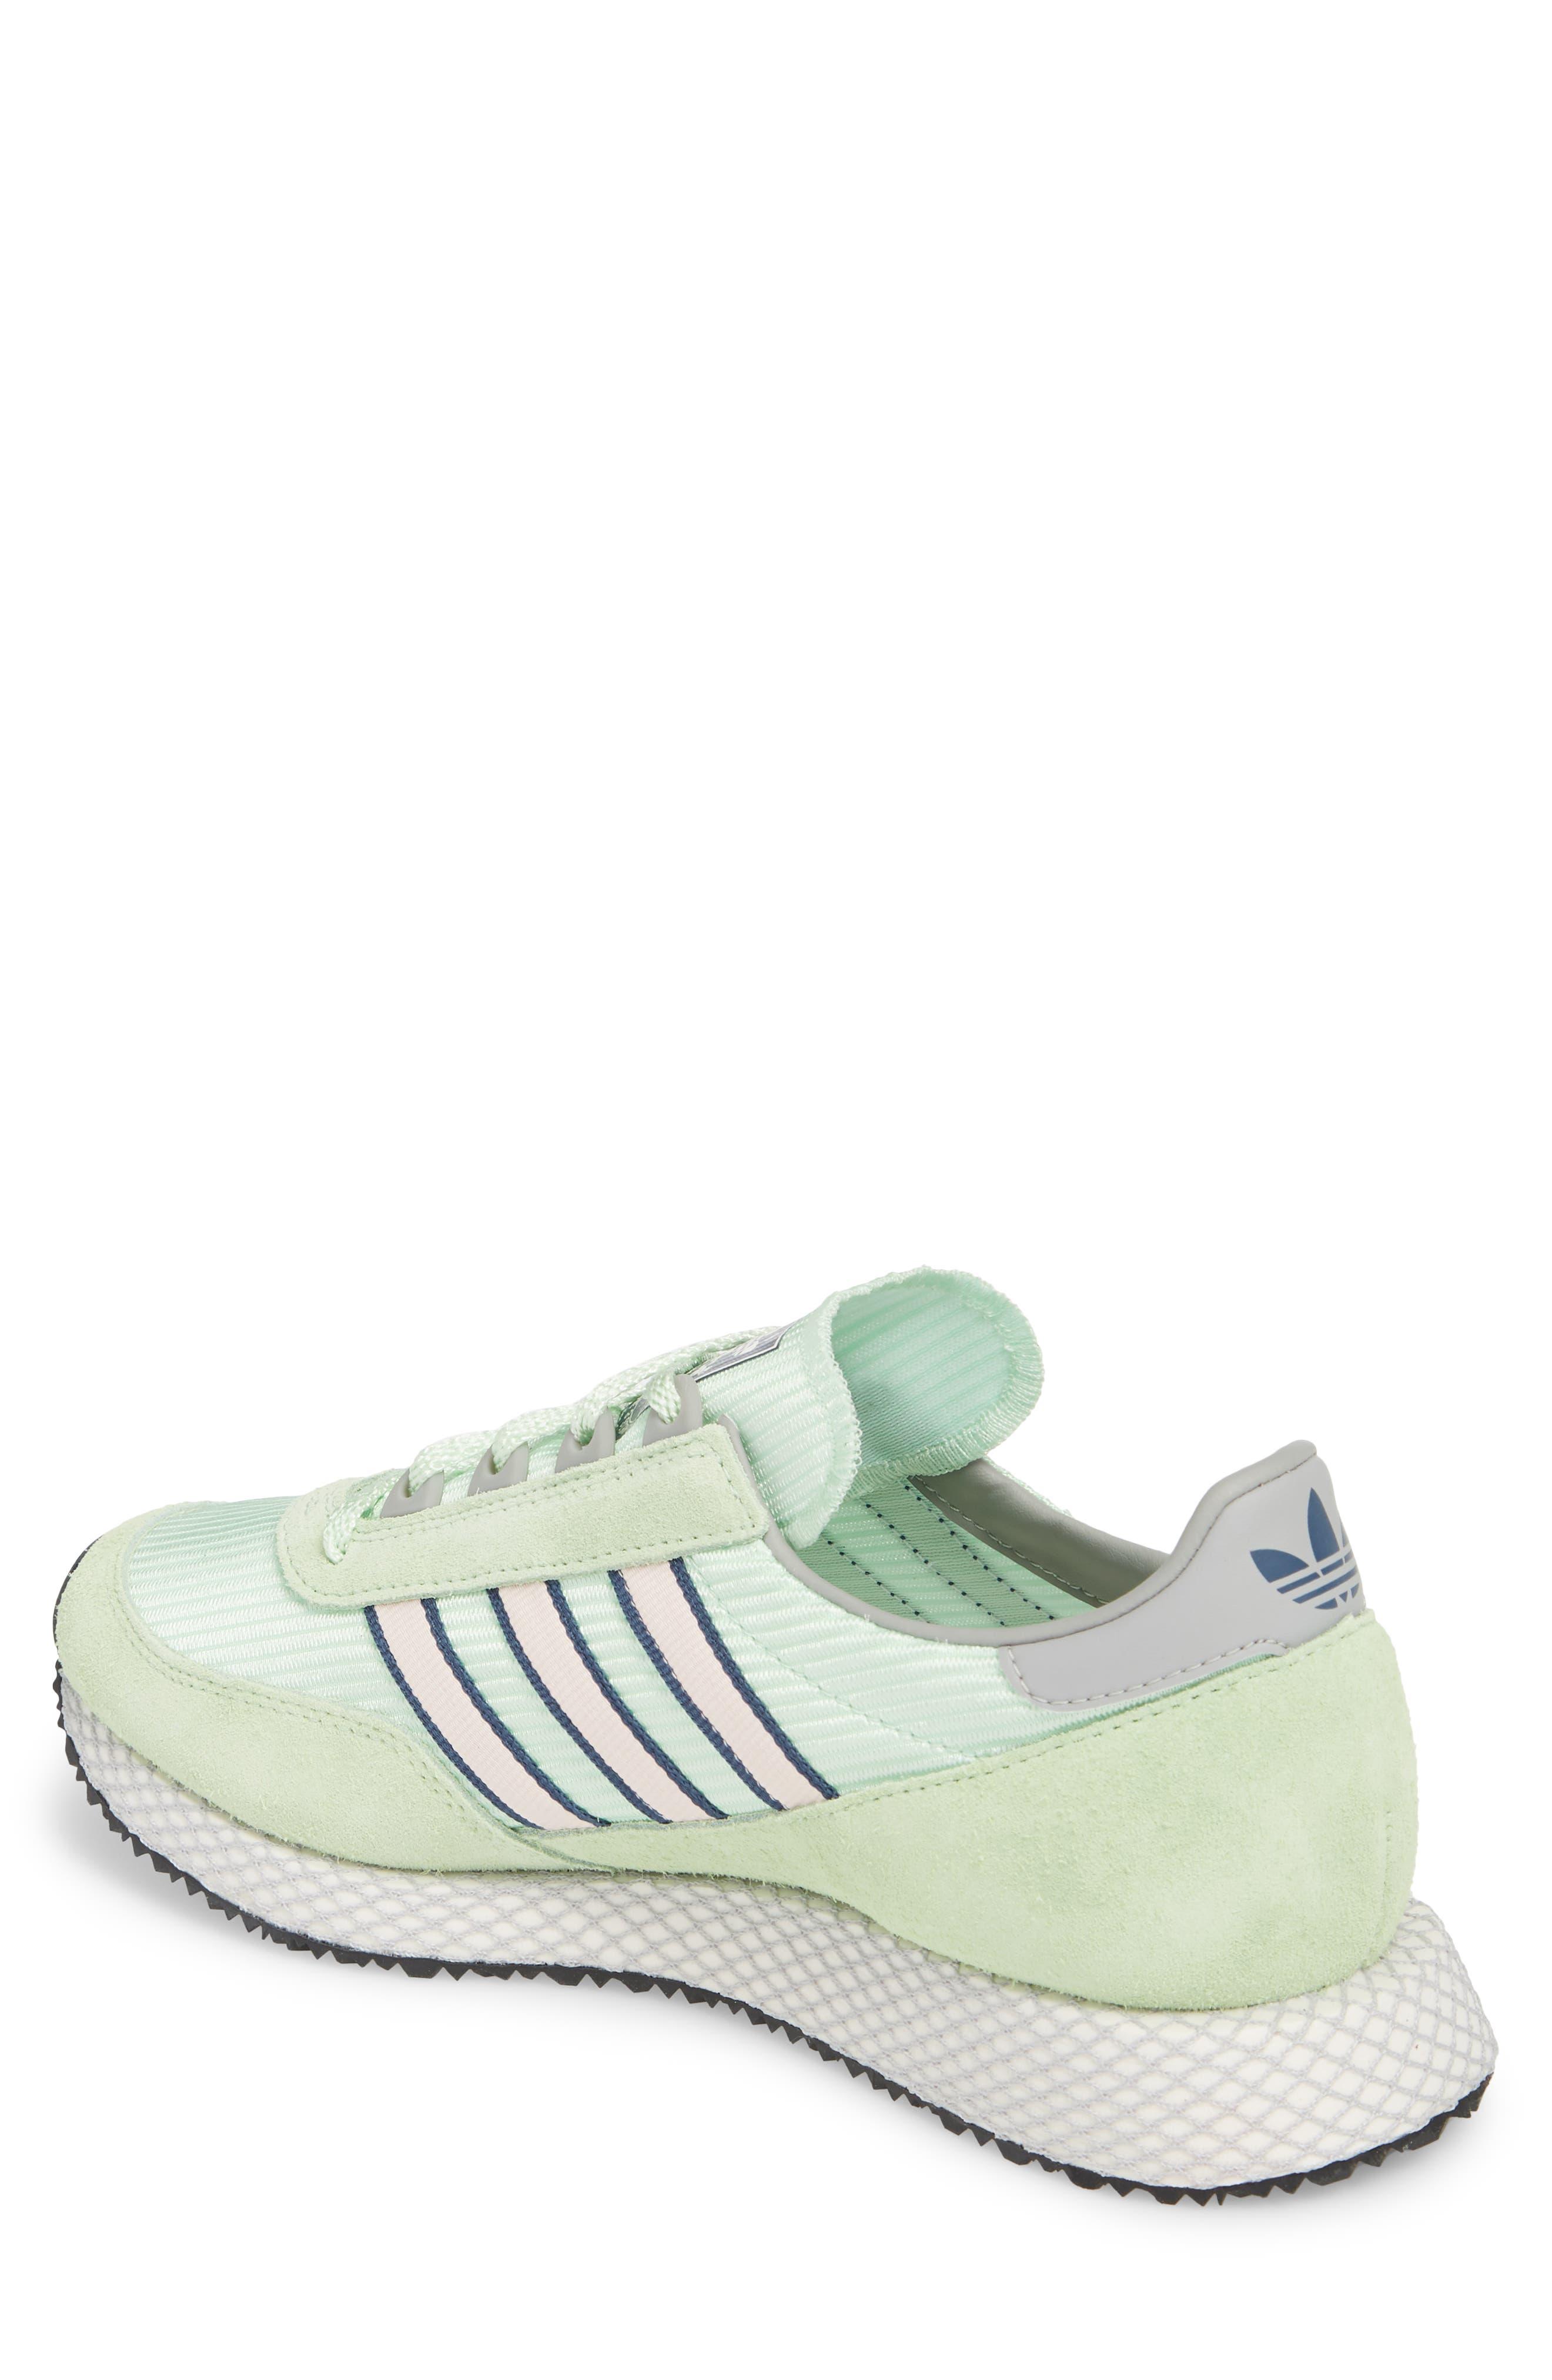 Glenbuck SPZL Sneaker,                             Alternate thumbnail 2, color,                             GREEN